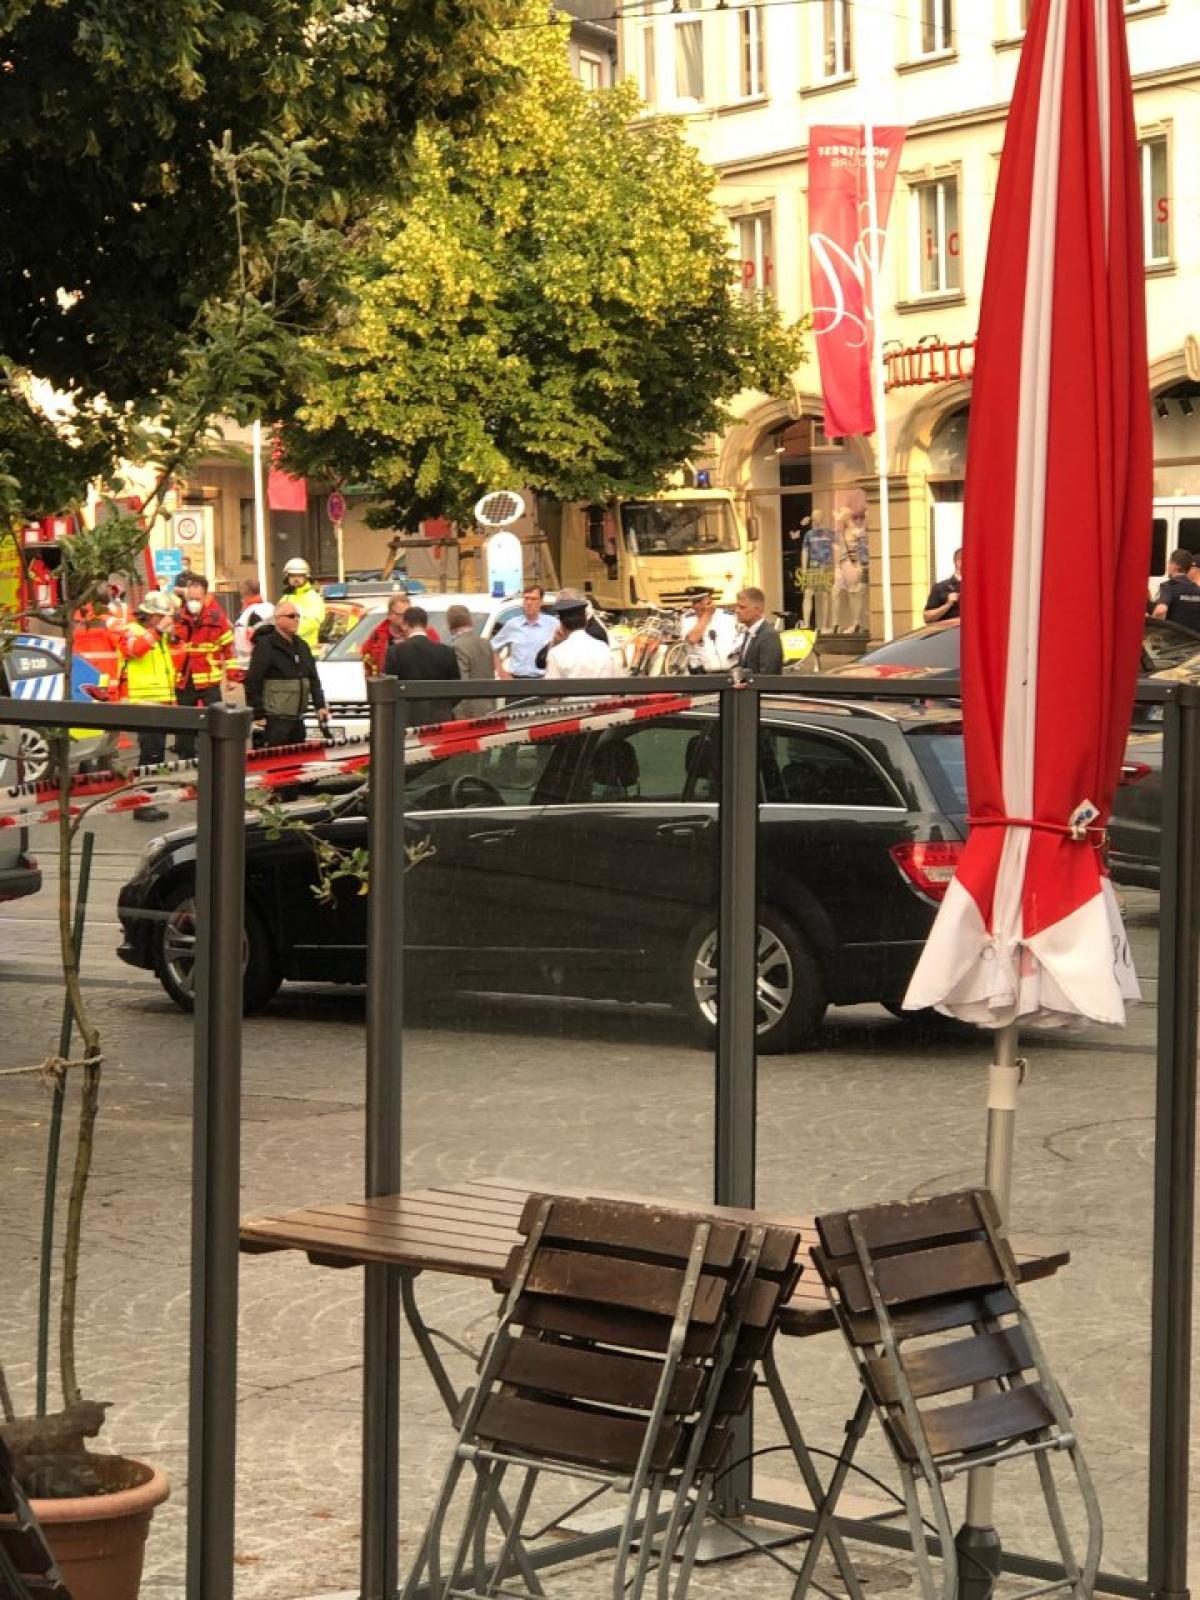 A würzburgi rendőrség megerősítette, hogy a késes támadásnak 3 halottja van